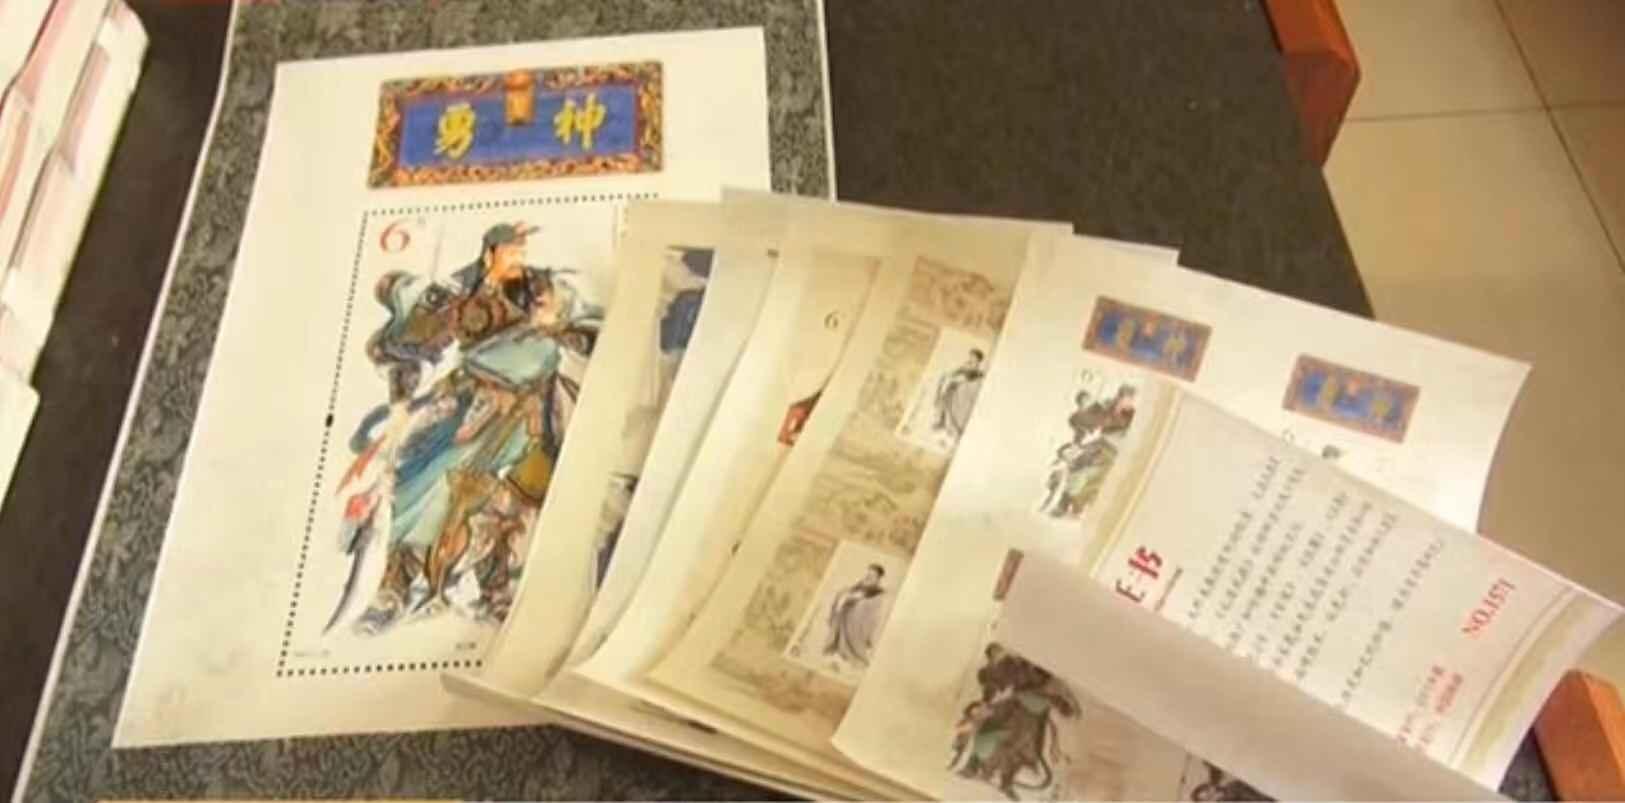 艺邮天诚文化公司售卖40万投资邮票却跑路 买家报警